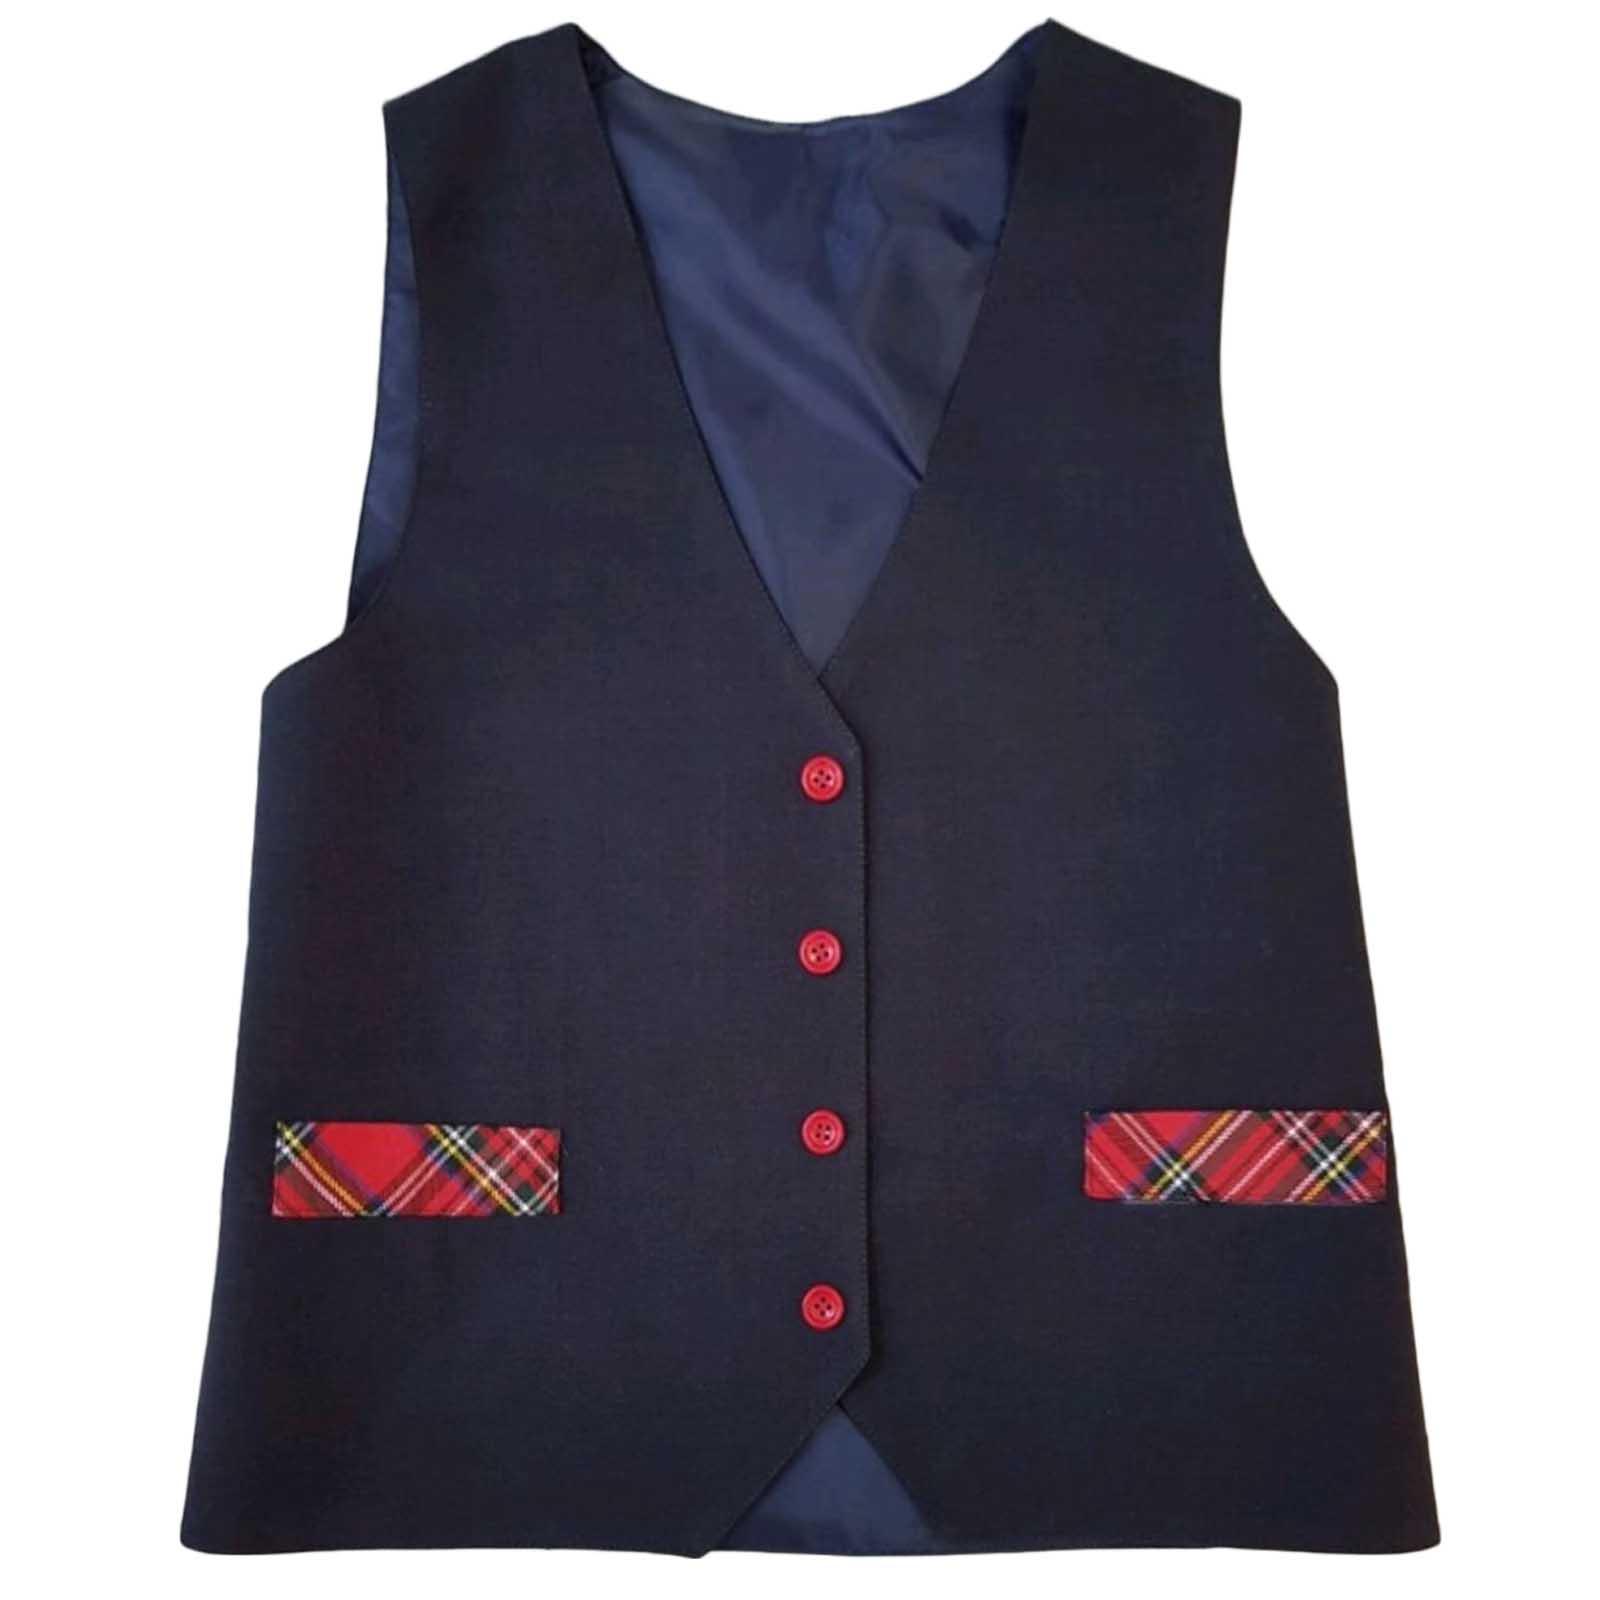 Vesta uniforma bleumarin cu nasturi rosii